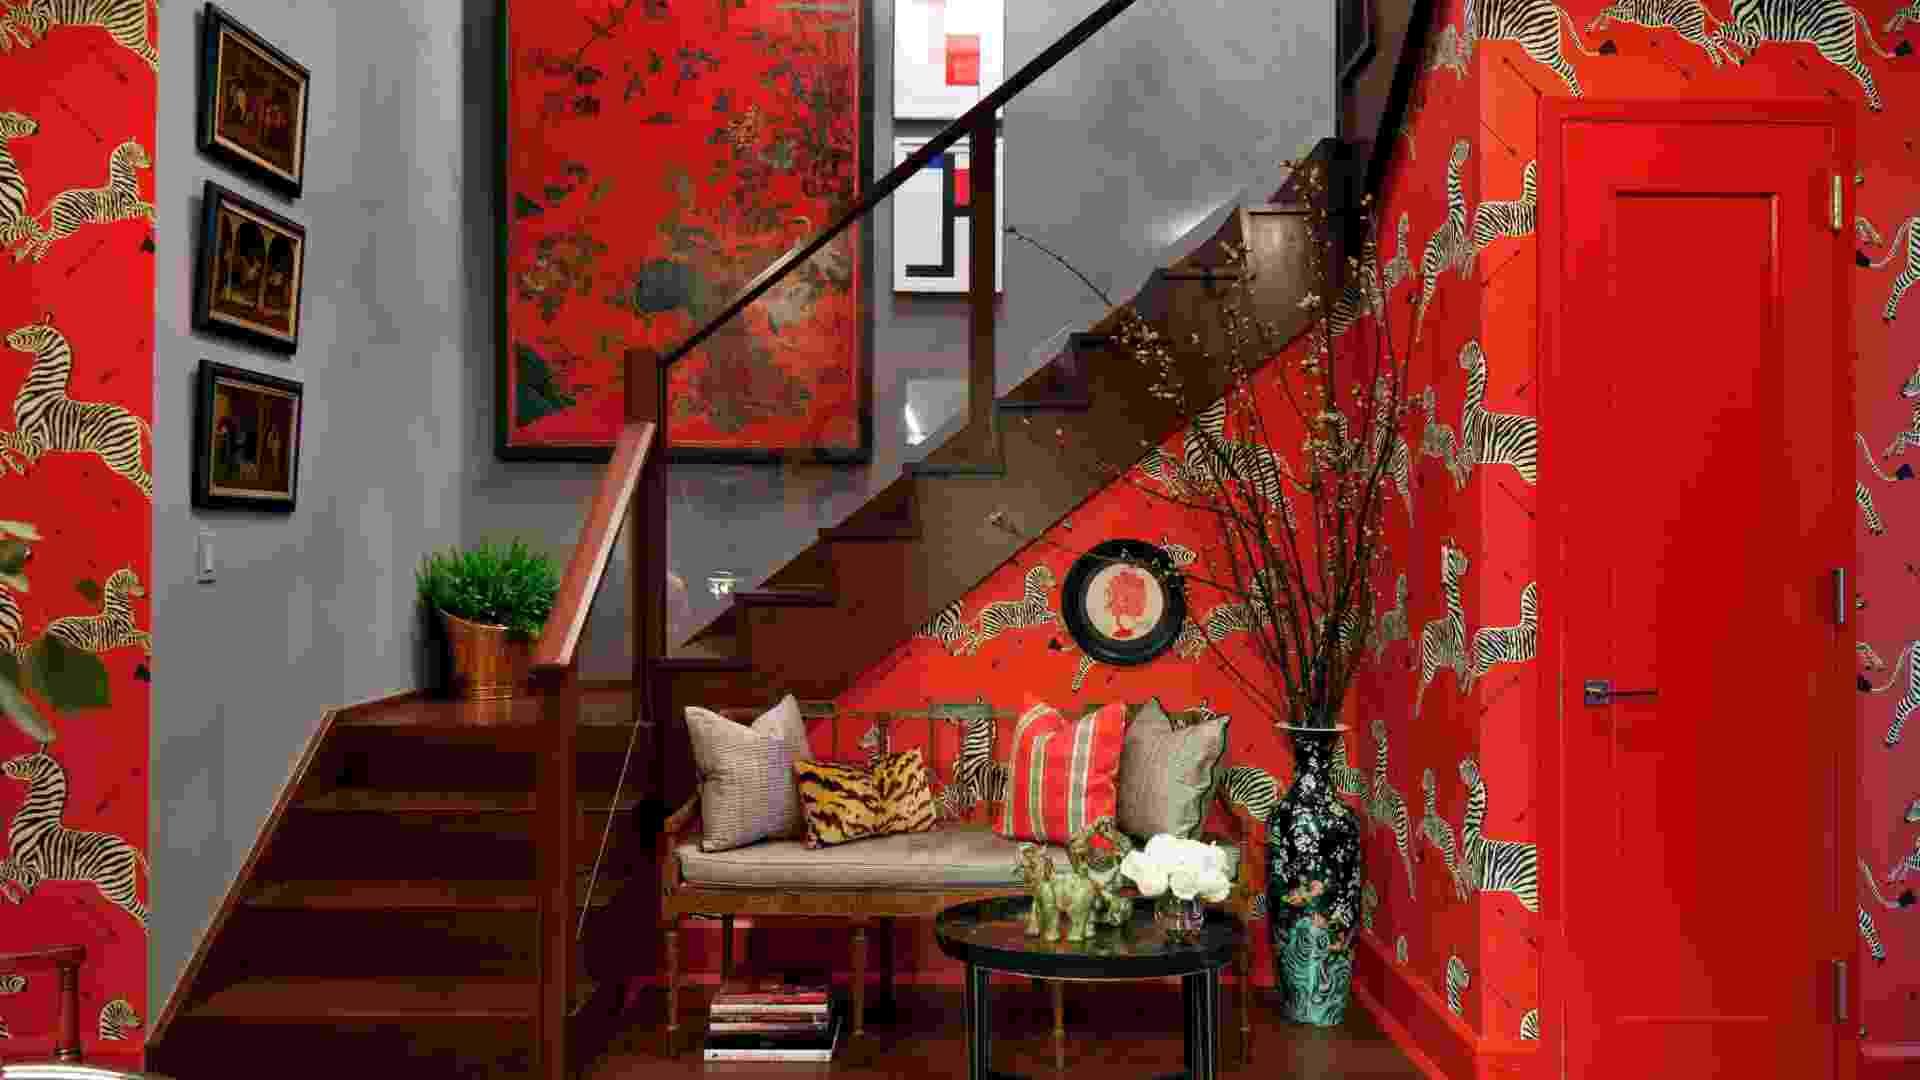 Apartamento decorado de mostra em Kips Bay, Nova York (Imagem do NYT, usar apenas no respectivo material) - Trevor Tondro/ The New York Times